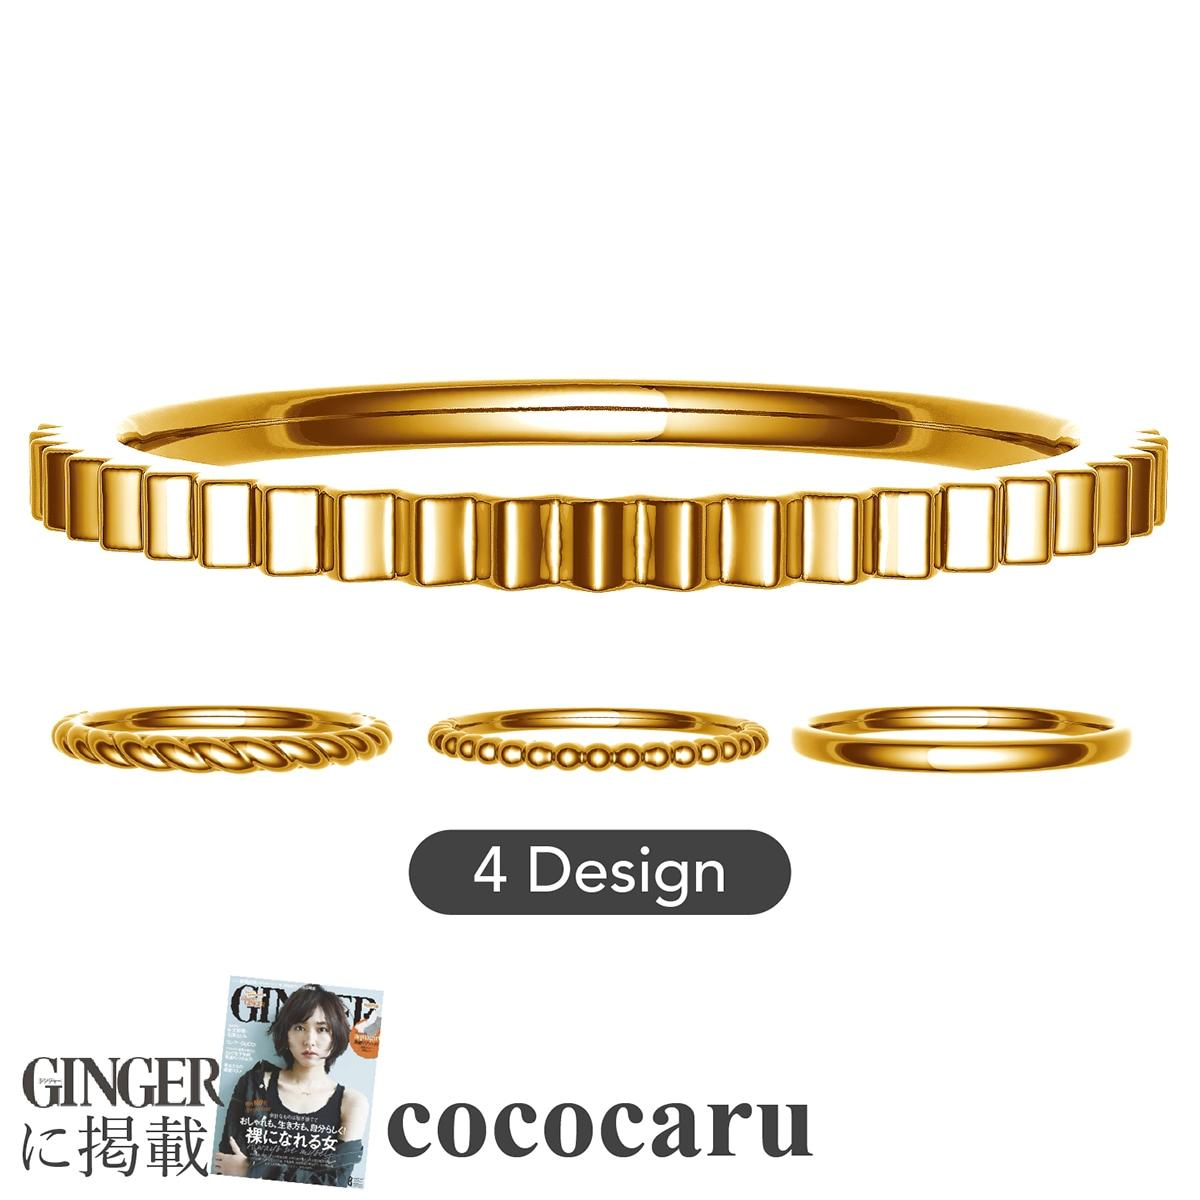 地金 リング k18 イエローゴールド/ホワイトゴールド/ピンクゴールド 選べるデザイン4種類 ファッションリング 金属アレルギー 日本製 誕生日 ギフト